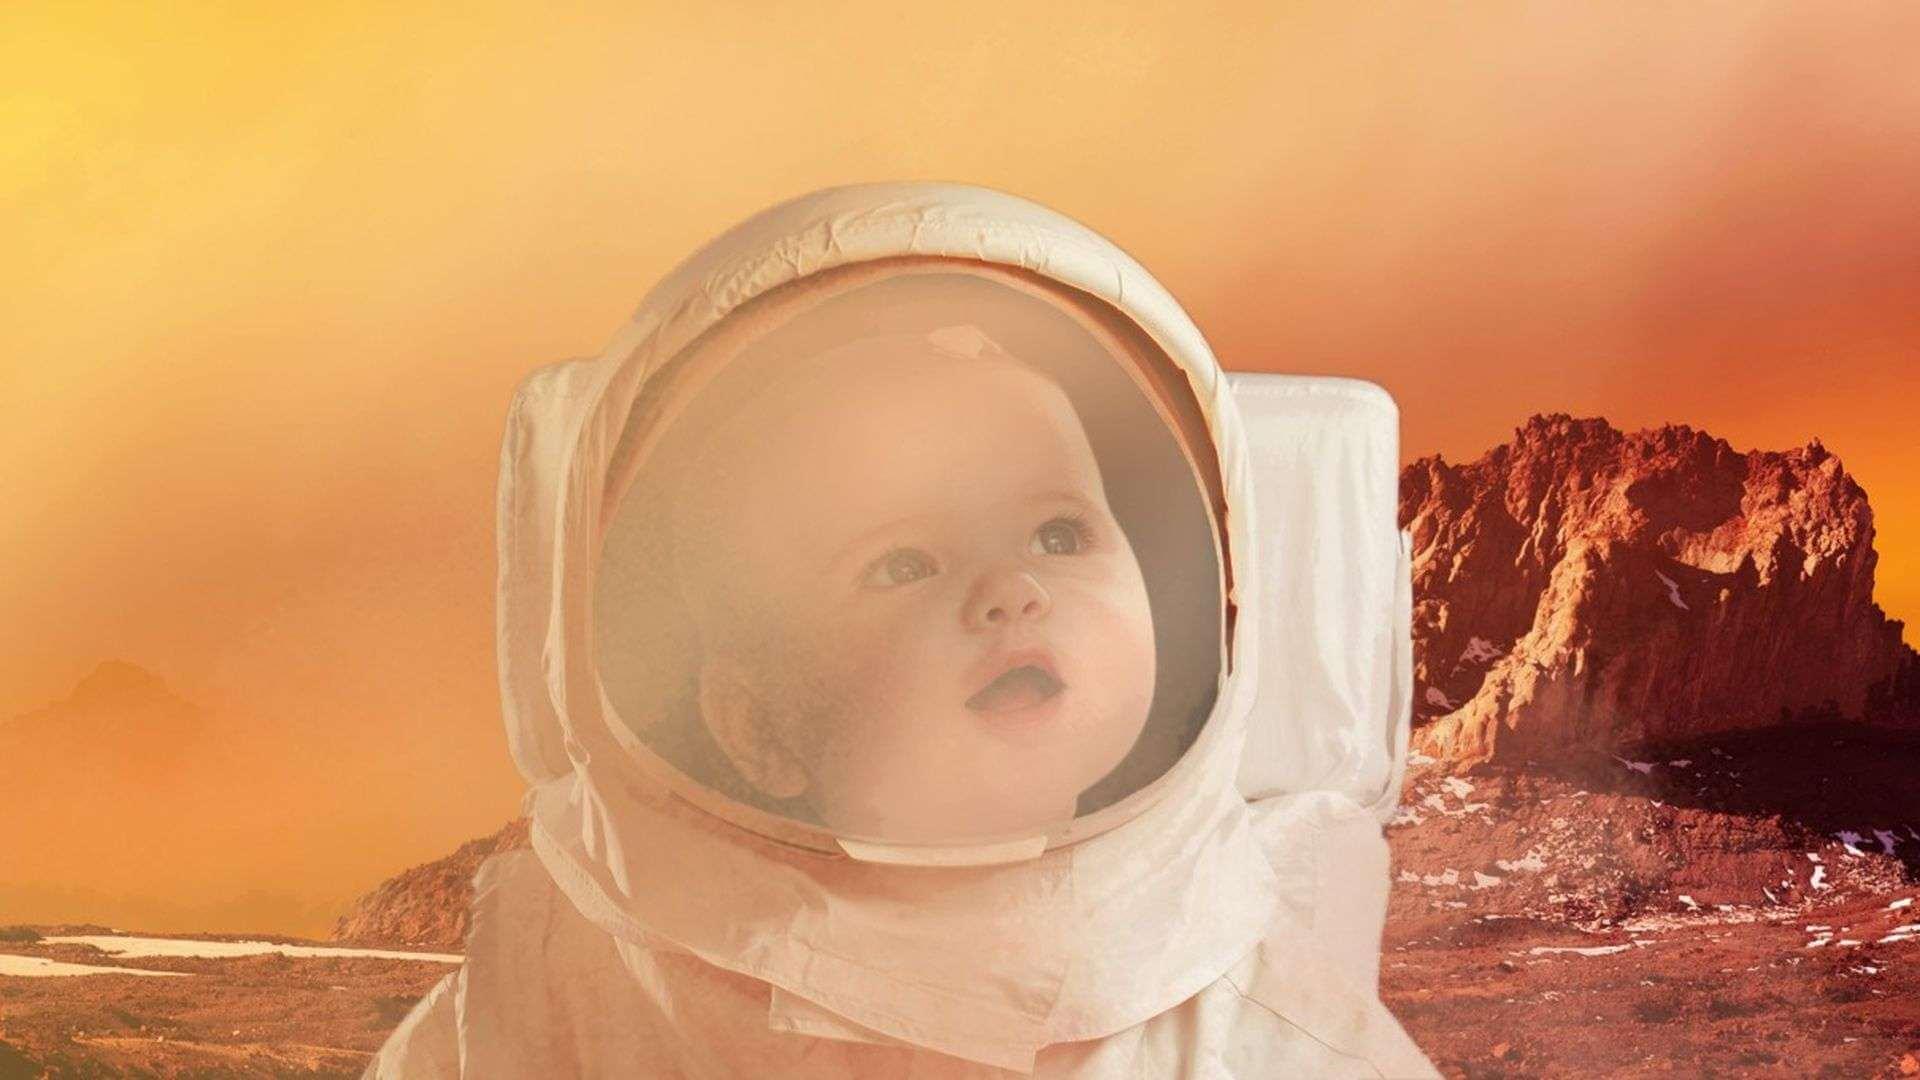 Можно ли зачать ребенка на Марсе?